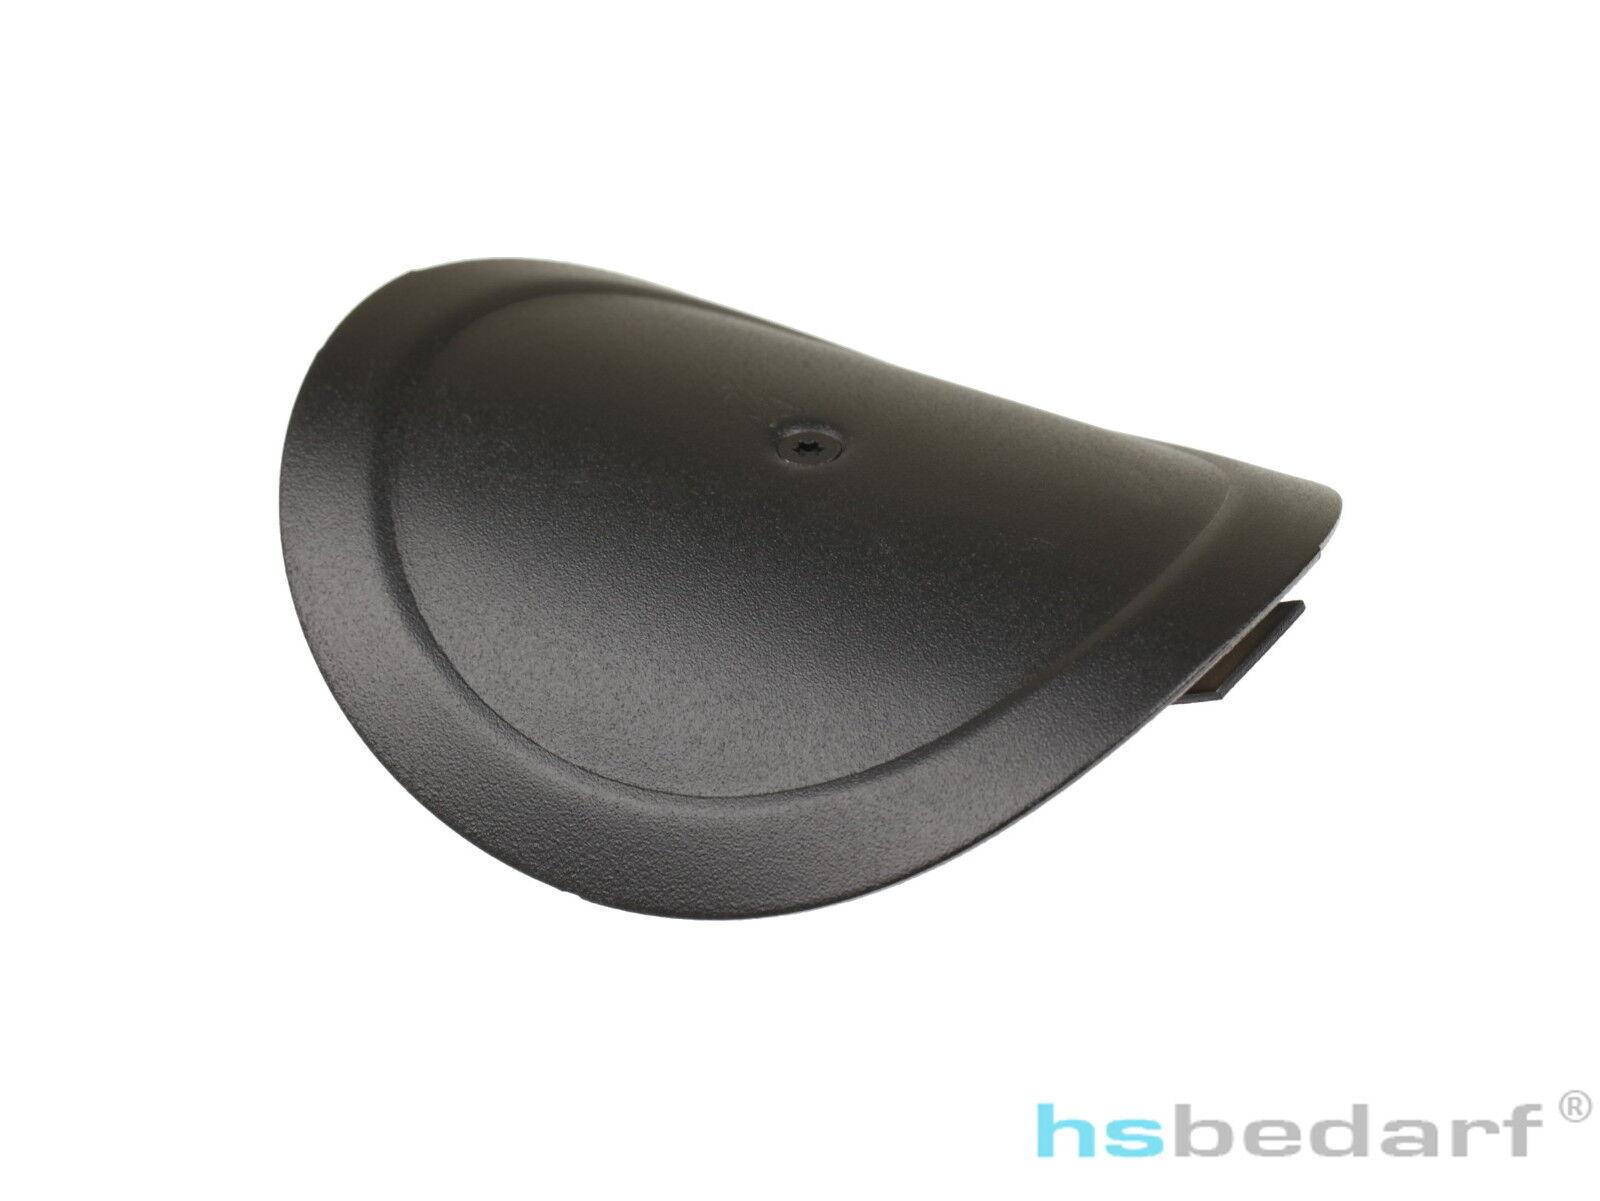 Rauchrohr Ofenrohr Kaminrohr Abgasrohr 2mm schwarz Stahlblech Combi-Plus SUR SUR SUR f0953e